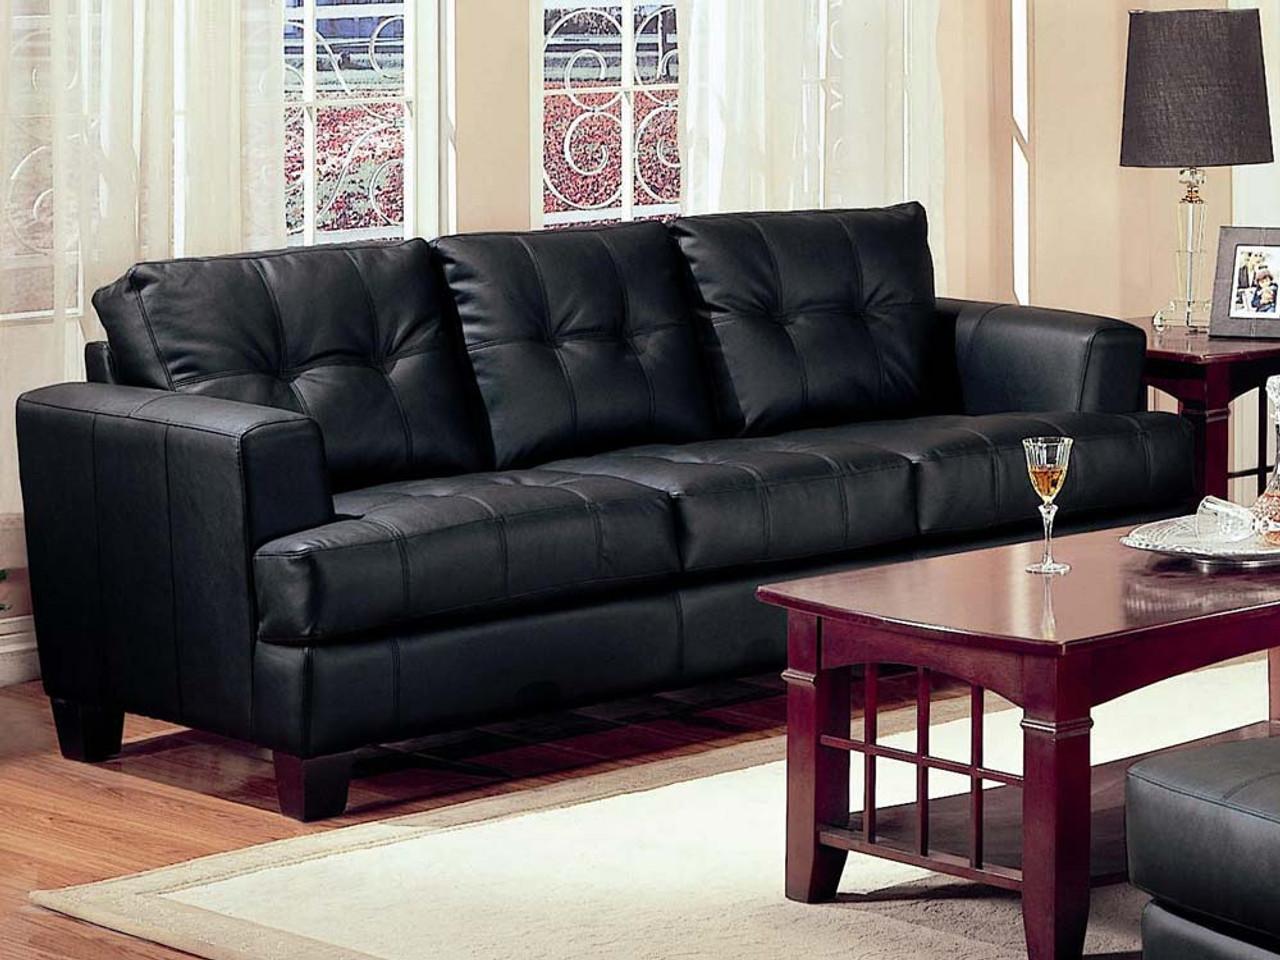 Coaster Samuel Contemporary Leather Sofa in Black - DealBeds.com